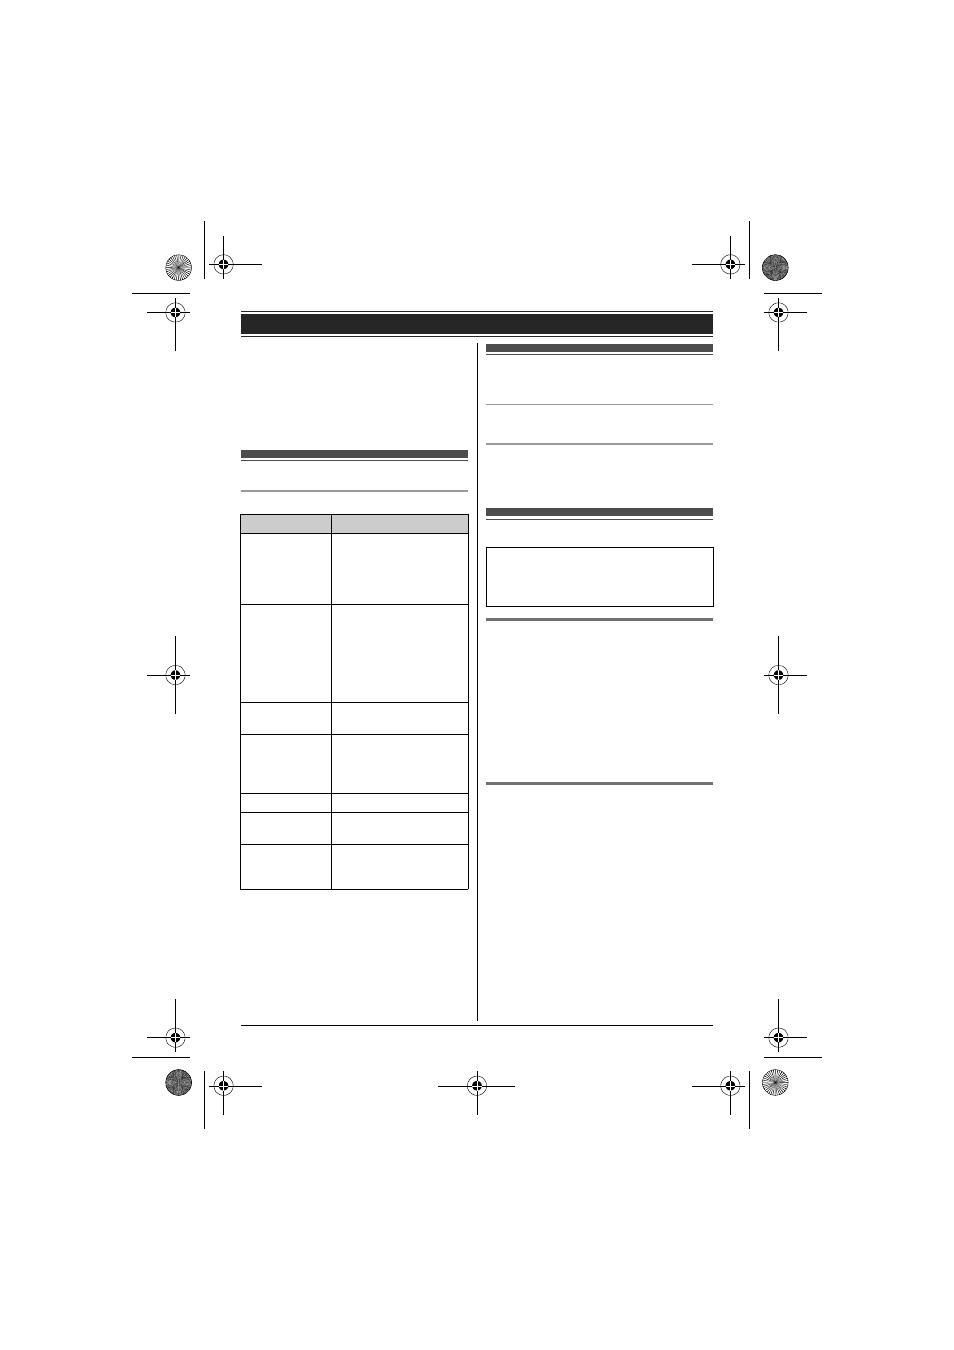 Телефон Panasonic Kx Tga161ru инструкция - картинка 3